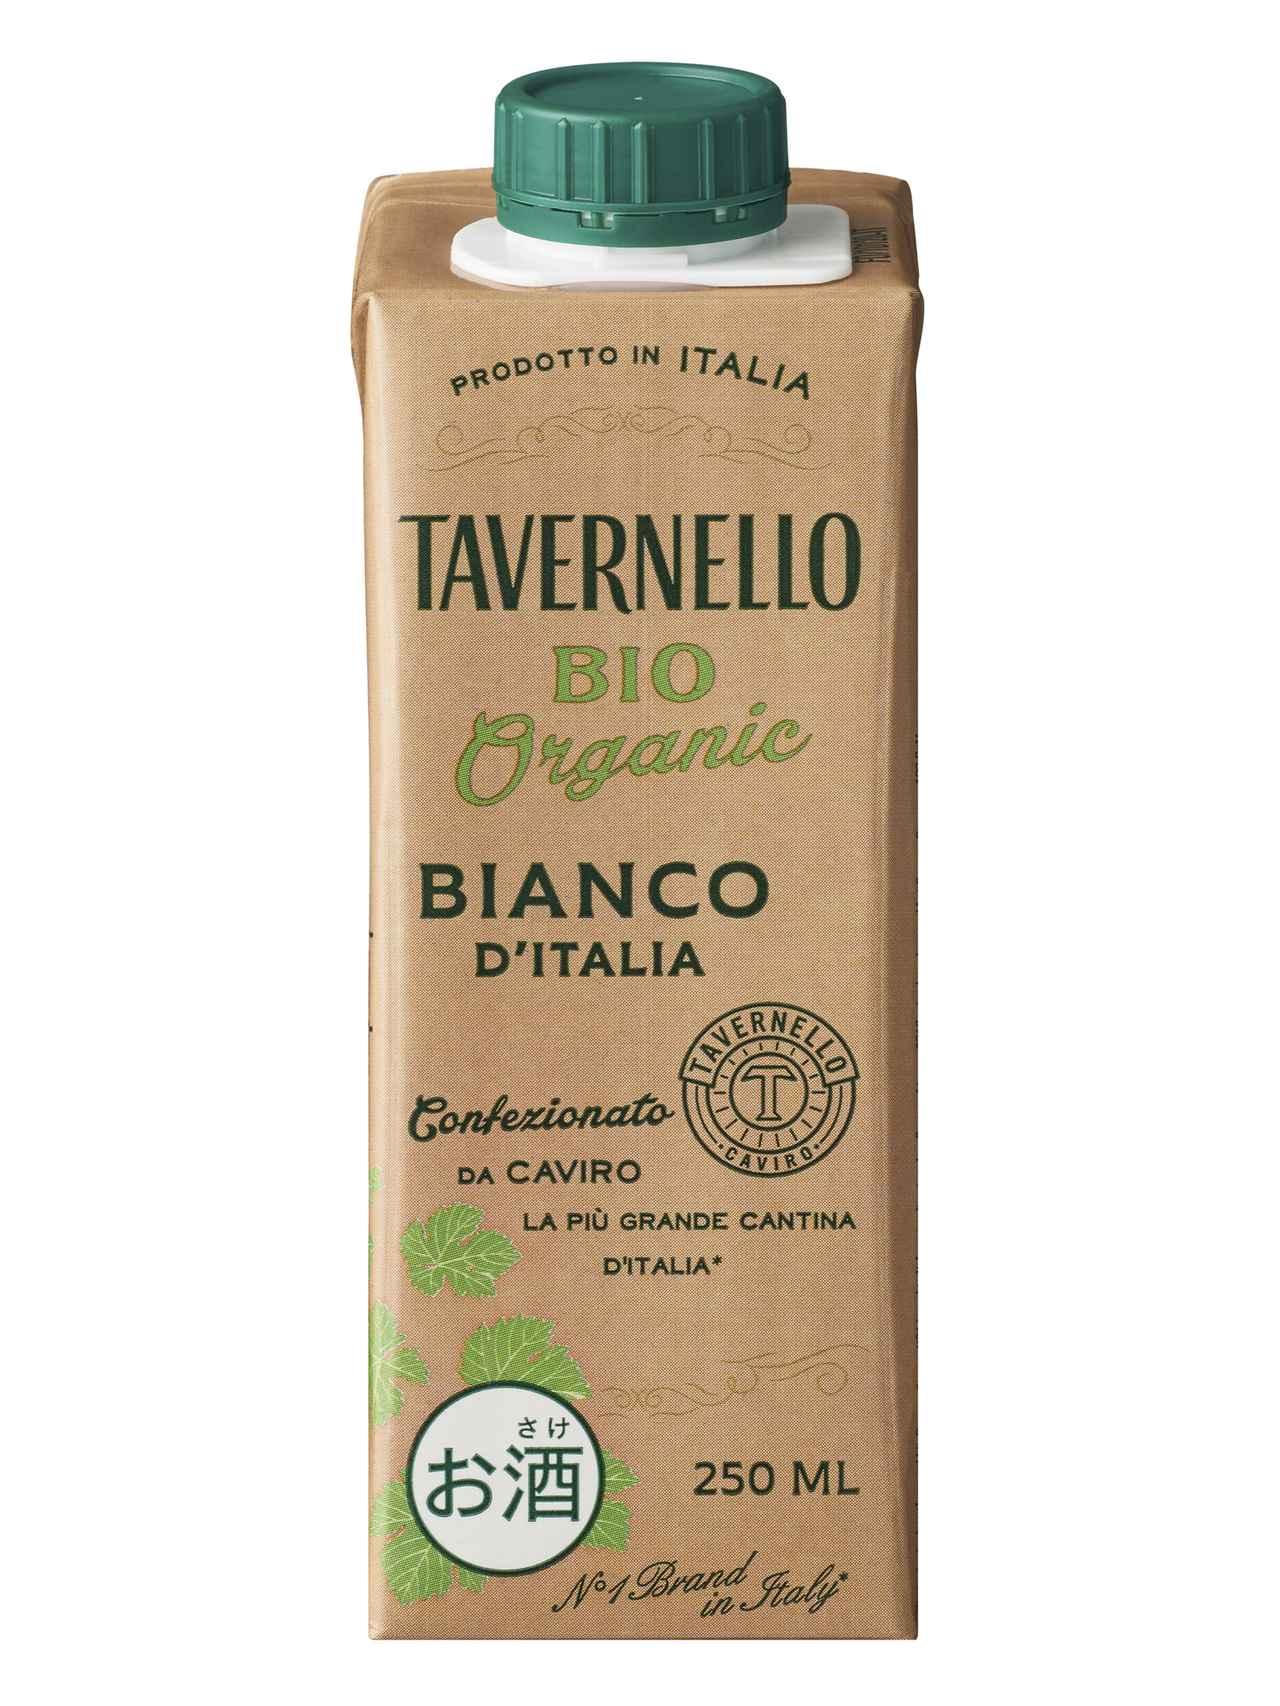 画像: 『タヴェルネッロ BIO ピッコロ ビアンコ』 希望小売:オープン価格 タイプ:辛口 容量:250ml アルコール度数:11.5% さわやかな果実味と優しい酸味が特徴。